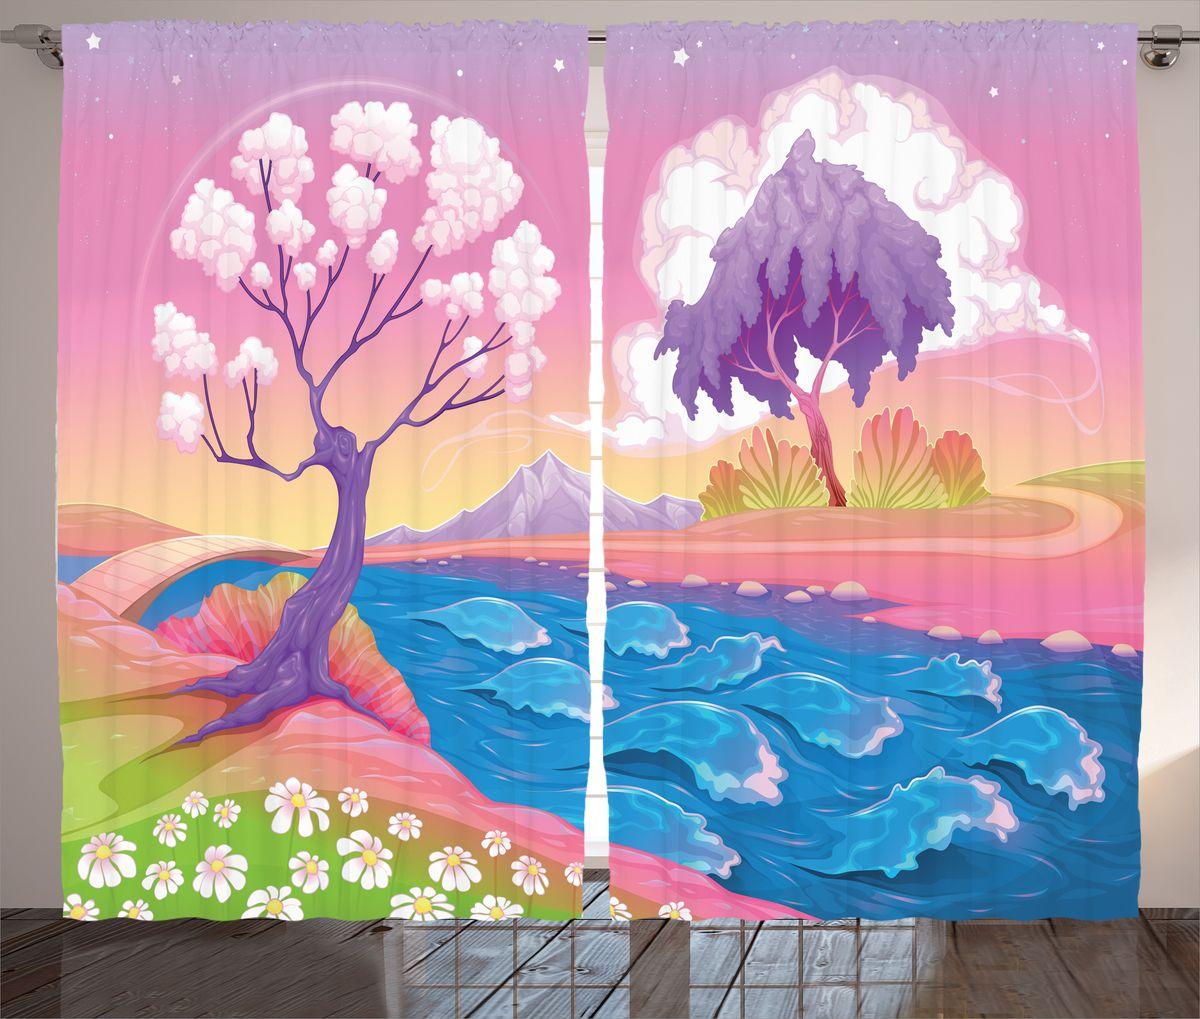 Комплект фотоштор Magic Lady Розовый берег на закате, на ленте, высота 265 см. шсг_14971шсг_8988Компания Сэмболь изготавливает шторы из высококачественного сатена (полиэстер 100%). При изготовлении используются специальные гипоаллергенные чернила для прямой печати по ткани, безопасные для человека и животных. Экологичность продукции Magic lady и безопасность для окружающей среды подтверждены сертификатом Oeko-Tex Standard 100. Крепление: крючки для крепления на шторной ленте (50 шт). Возможно крепление на трубу. Внимание! При нанесении сублимационной печати на ткань технологическим методом при температуре 240°С, возможно отклонение полученных размеров (указанных на этикетке и сайте) от стандартных на + - 3-5 см. Производитель старается максимально точно передать цвета изделия на фотографиях, однако искажения неизбежны и фактический цвет изделия может отличаться от воспринимаемого по фото. Обратите внимание! Шторы изготовлены из полиэстра сатенового переплетения, а не из сатина (хлопок). Размер одного полотна шторы: 145х265 см. В комплекте 2 полотна шторы и 50 крючков.